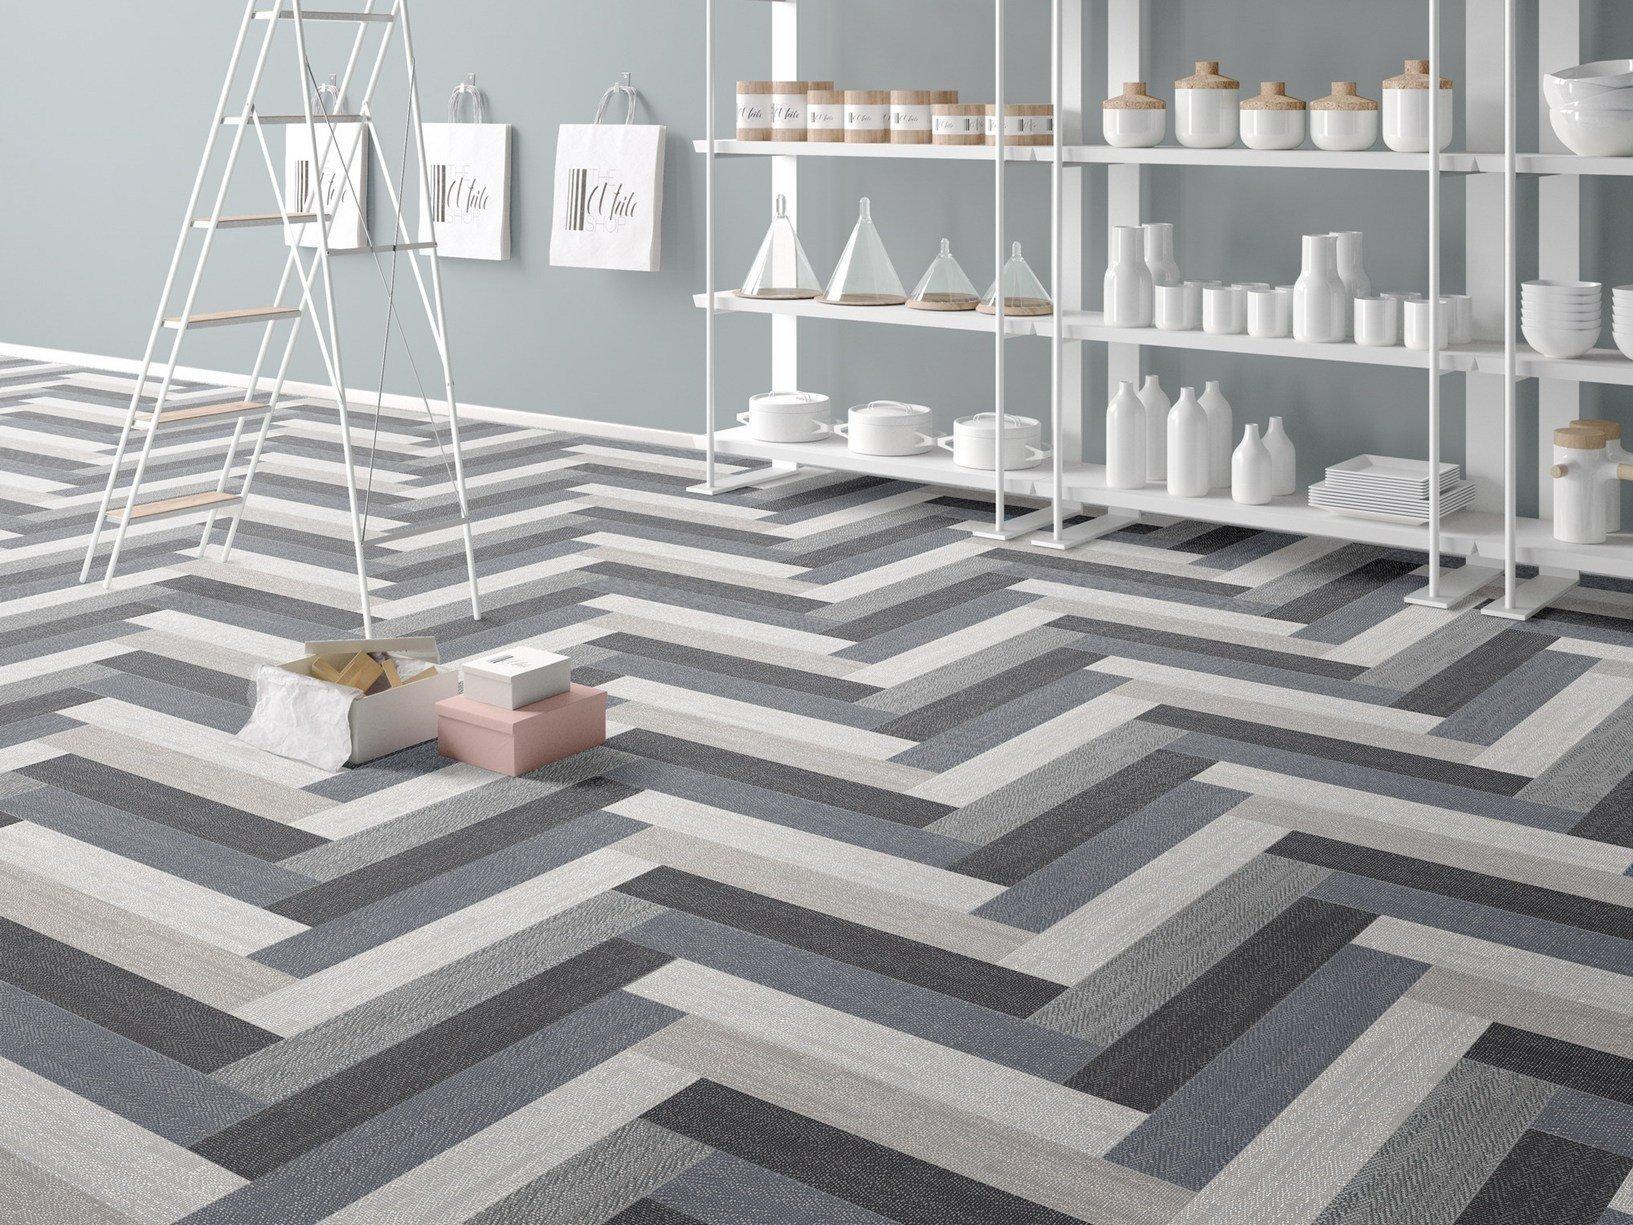 un pavimento con le piastrelle color grigio, nero e bianco